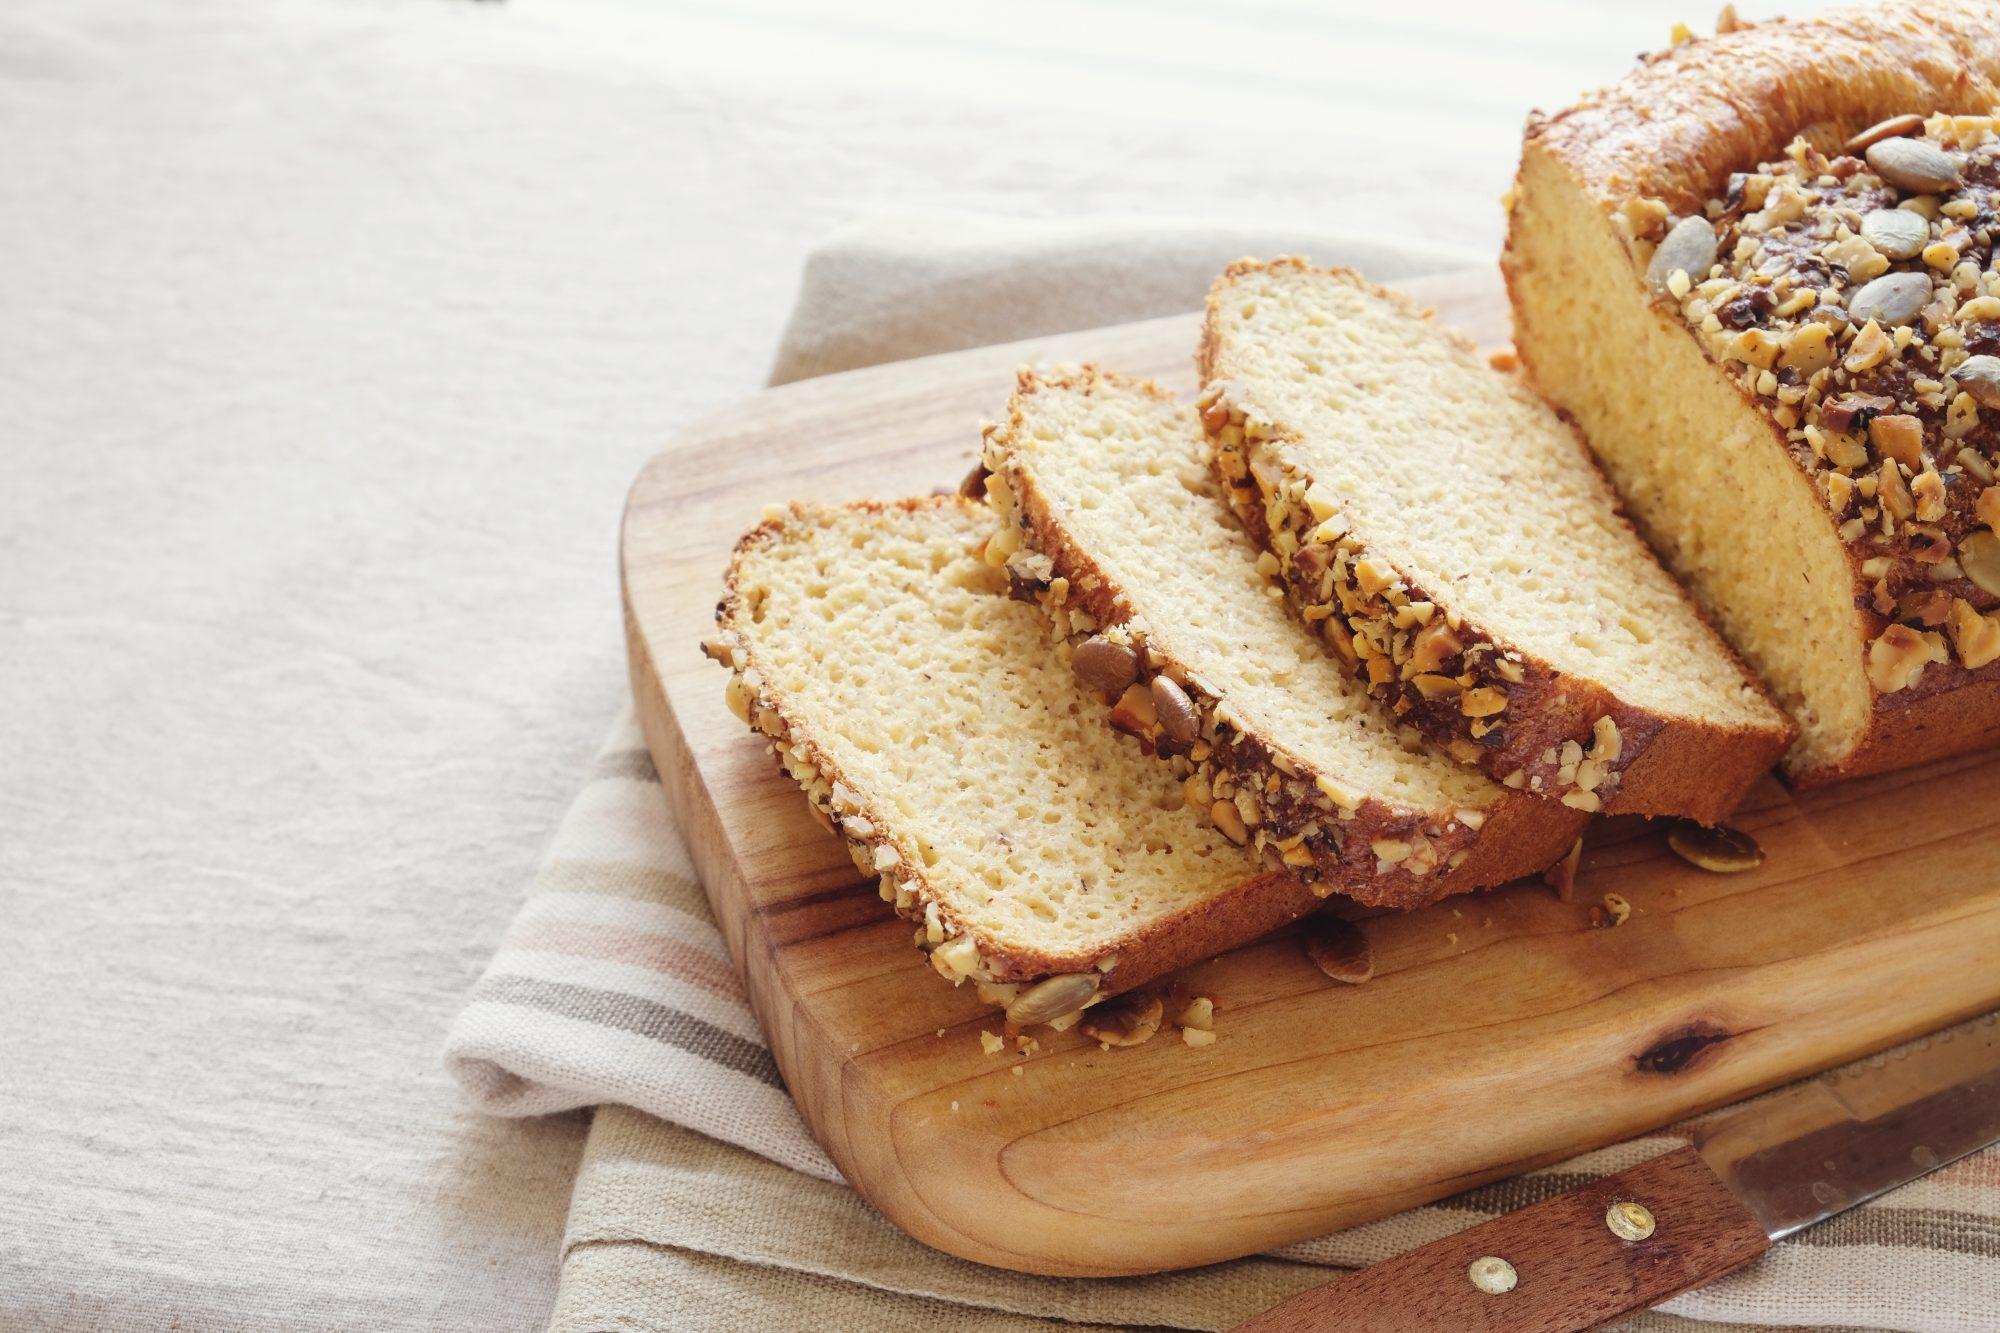 Getty Keto Bread Image